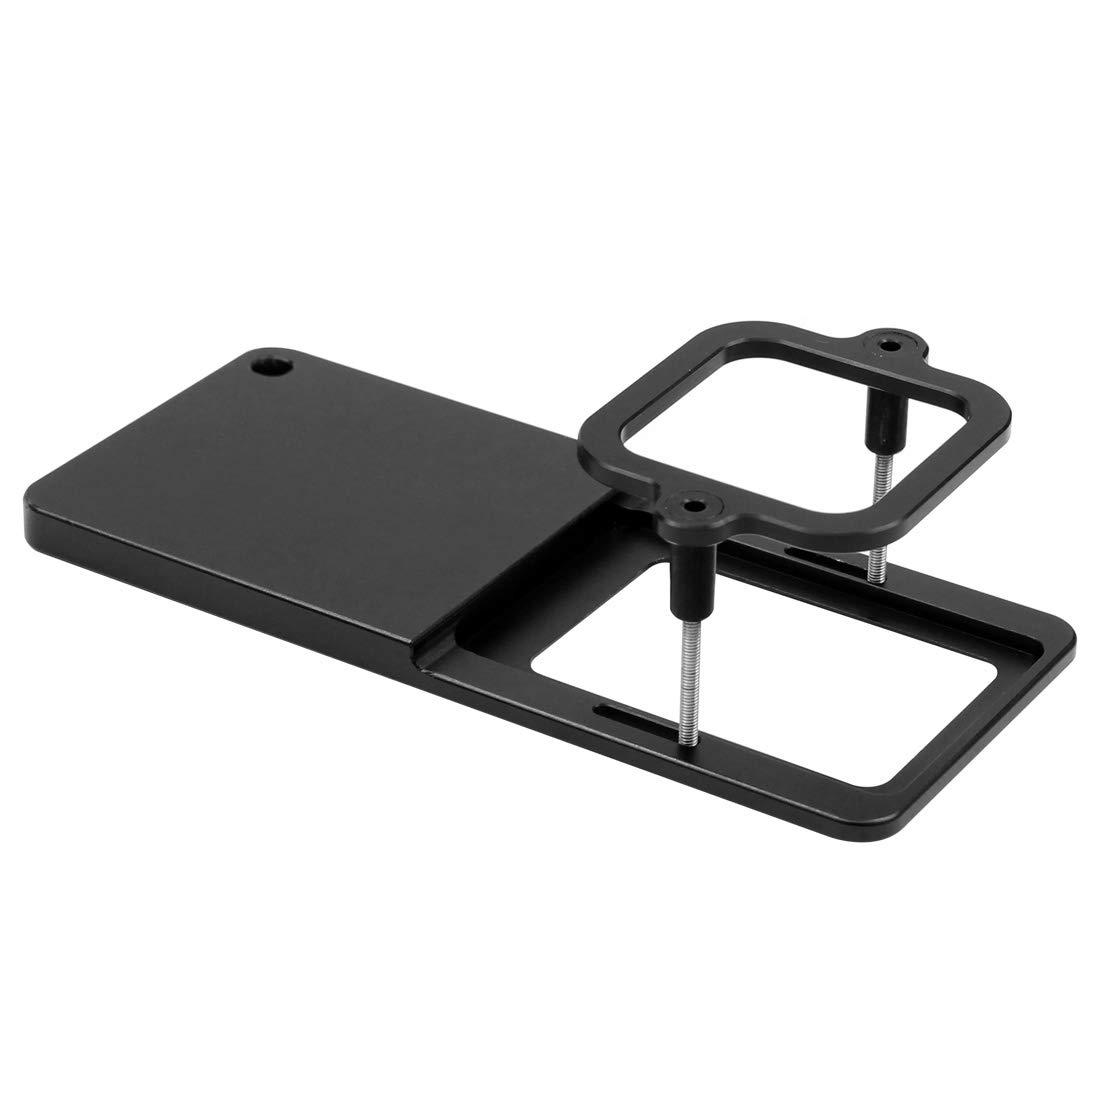 XT-XINTE 携帯電話ジンバルスタビライザースイッチマウントプレートアダプター Sony RXO用 Gopro Sessionカメラ用 DJI OSMO Zhiyun Feiyu Gimbal用   B07QDQPDHH